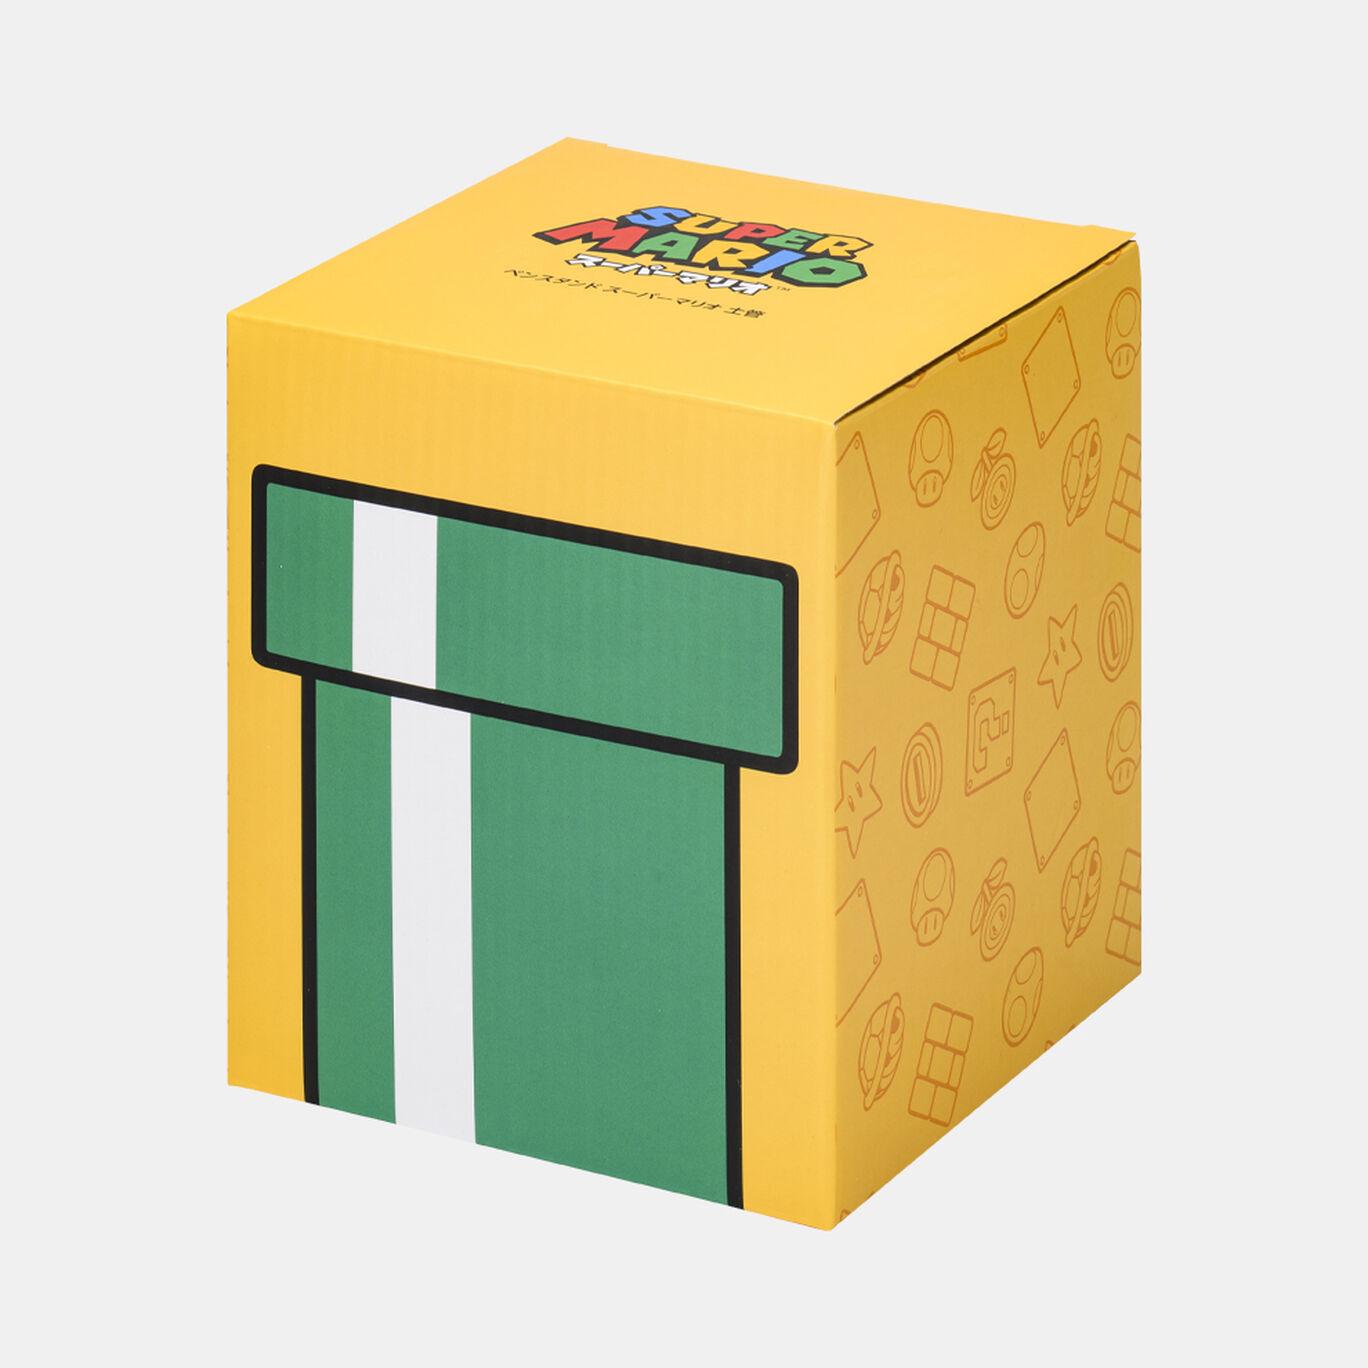 ペンスタンド スーパーマリオ 土管【Nintendo TOKYO取り扱い商品】